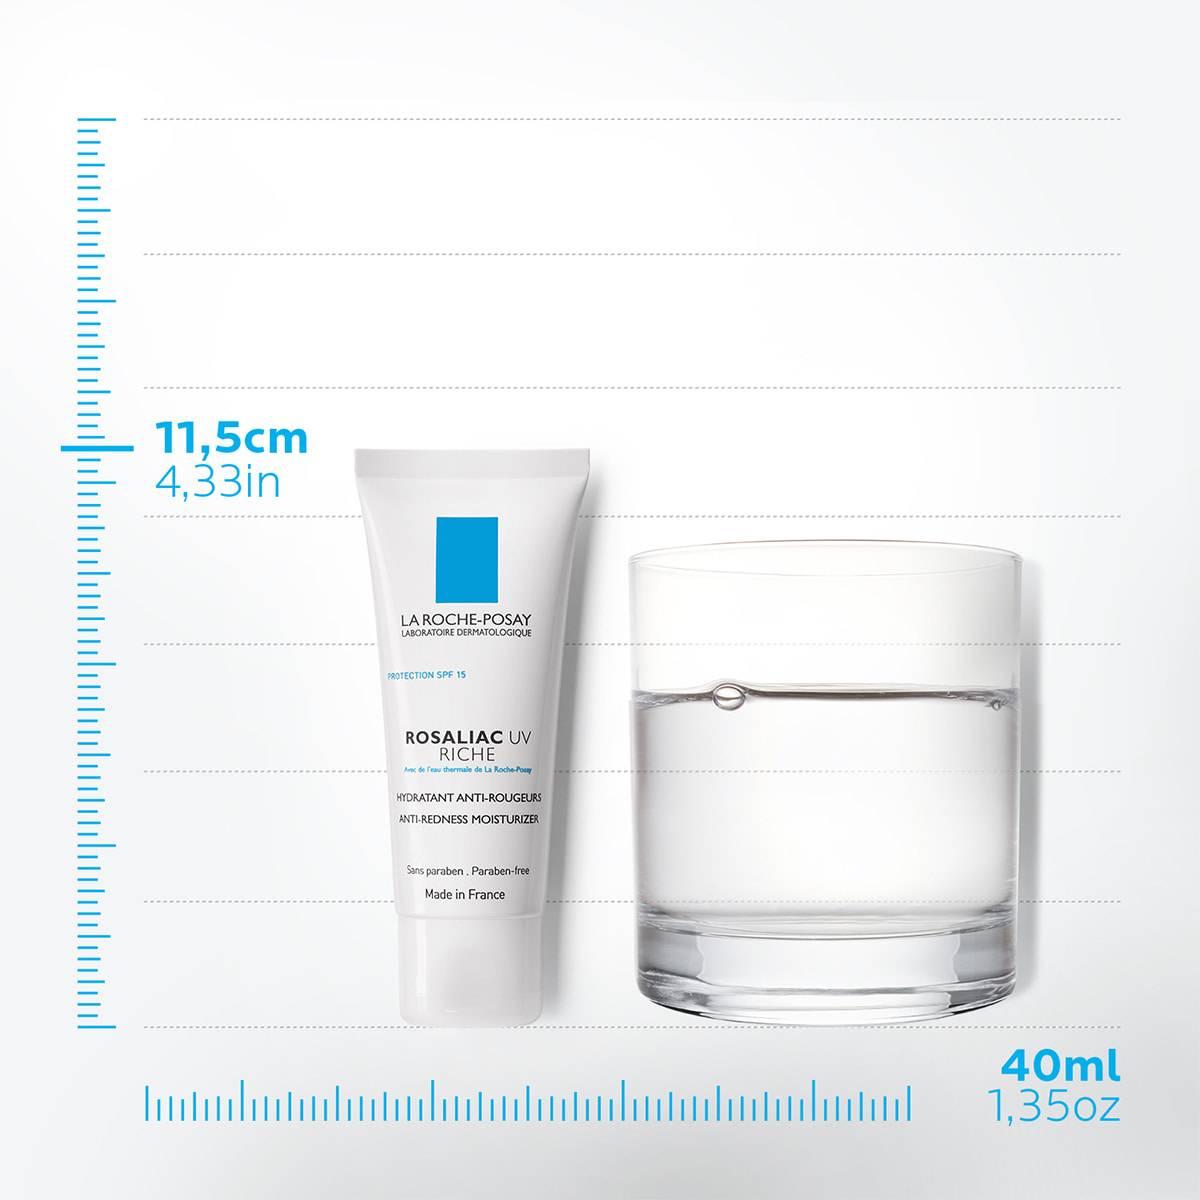 Pielęgnacja twarzy Rosaliac UV Rich Spf15 40 ml 78   La Roche Posay